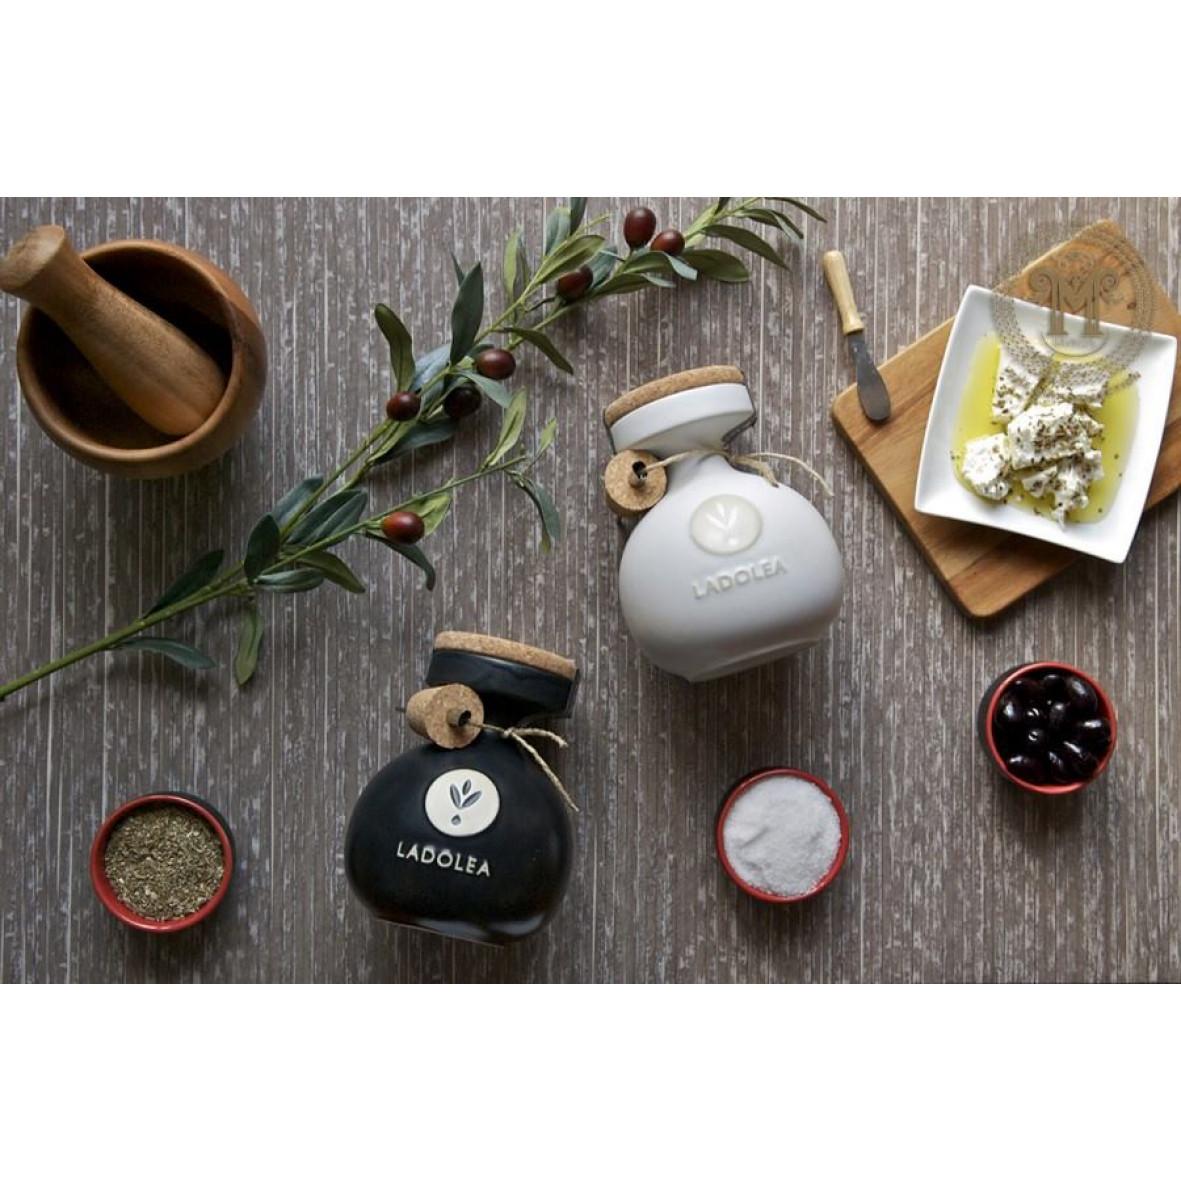 Sweet Vinegar With Bergamot | Orange, cardboard packaging